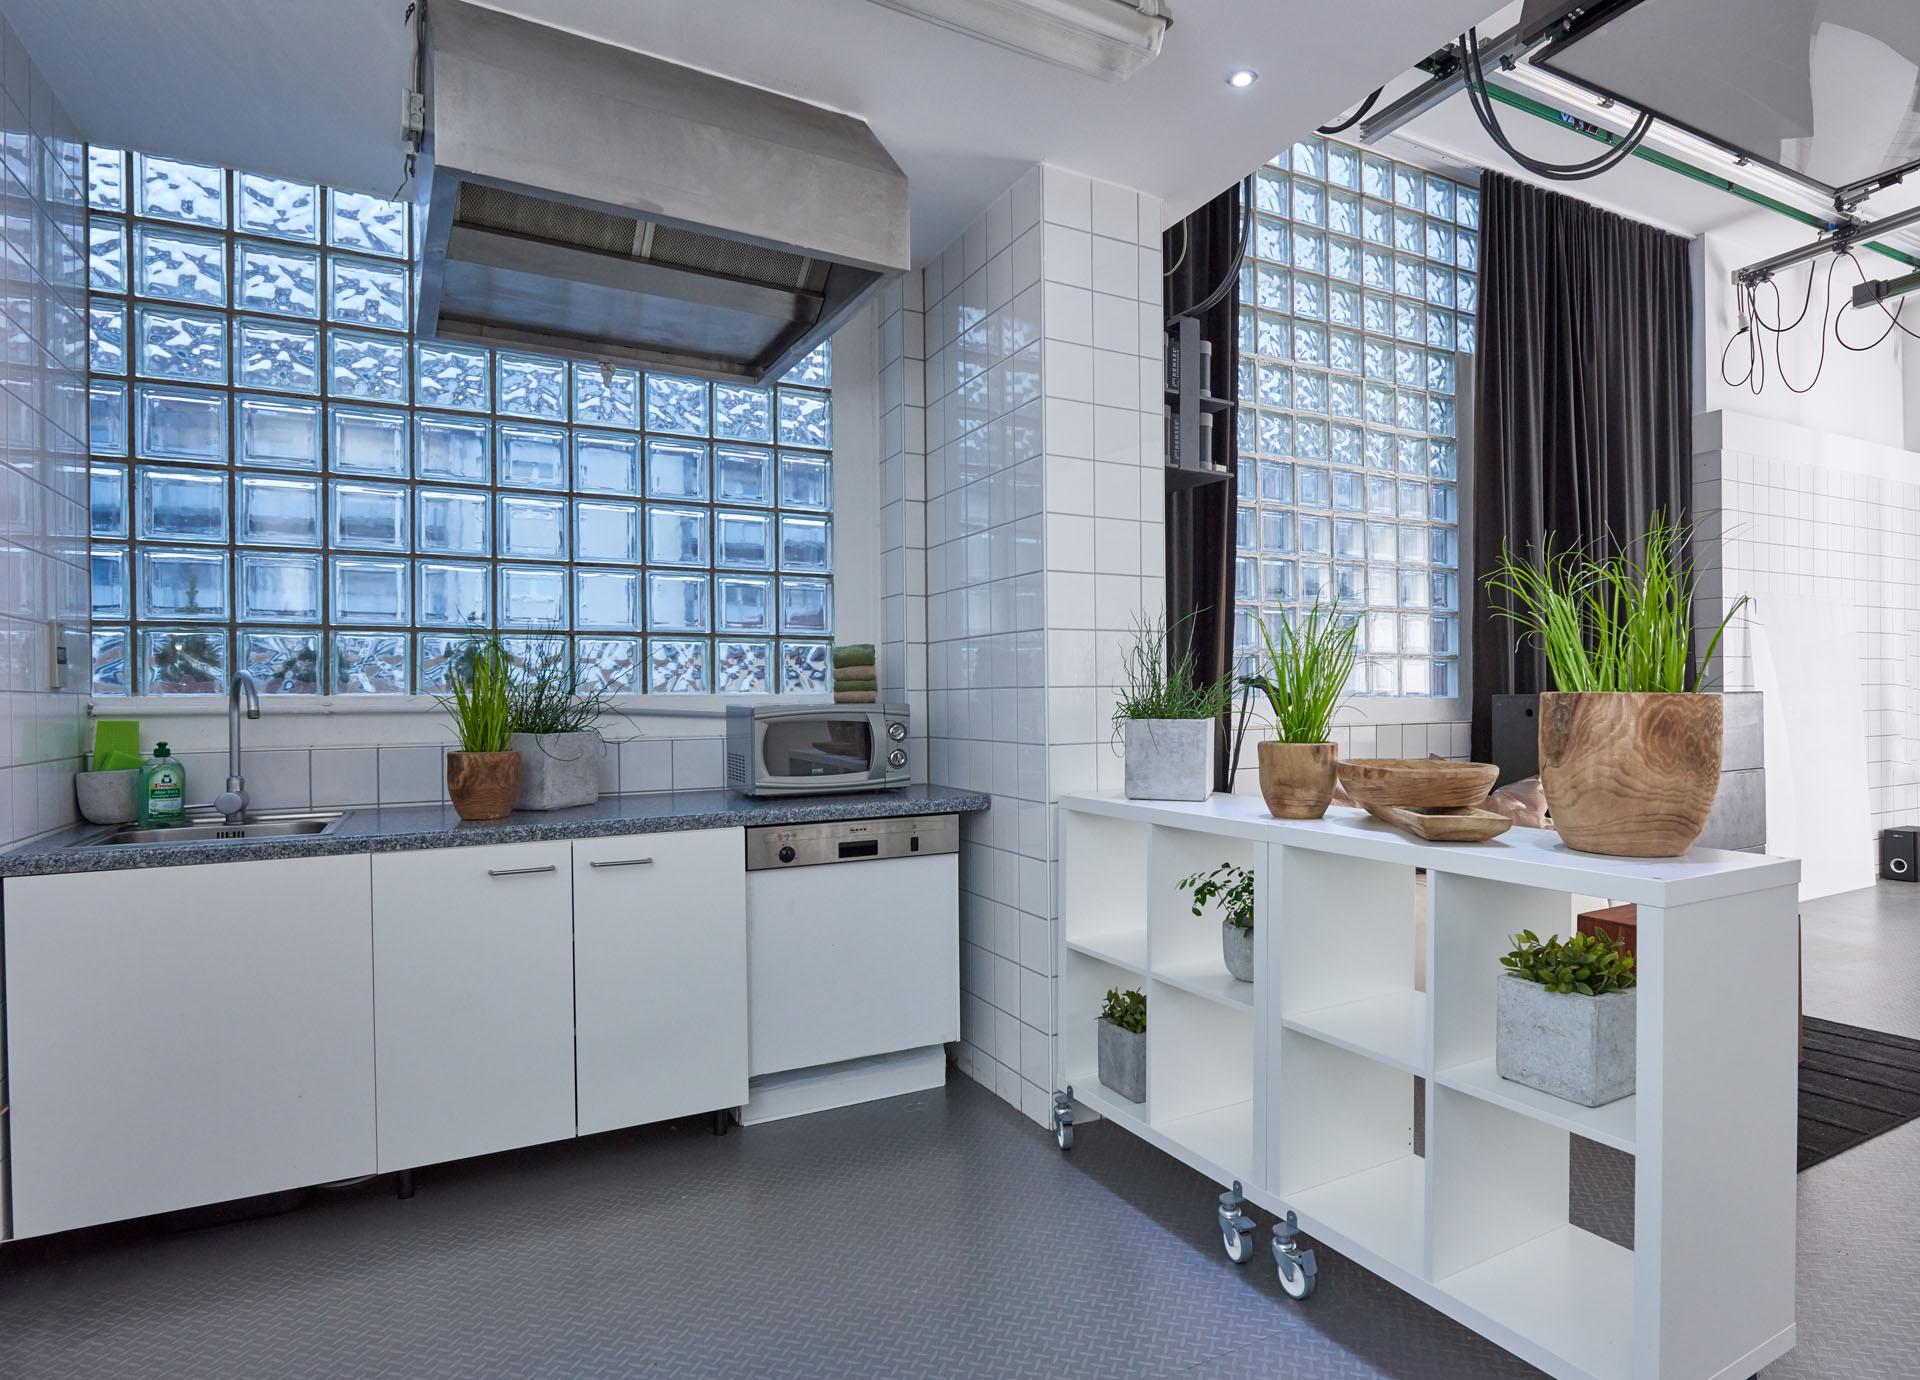 Blick auf die Küchenzeile in Studio 2